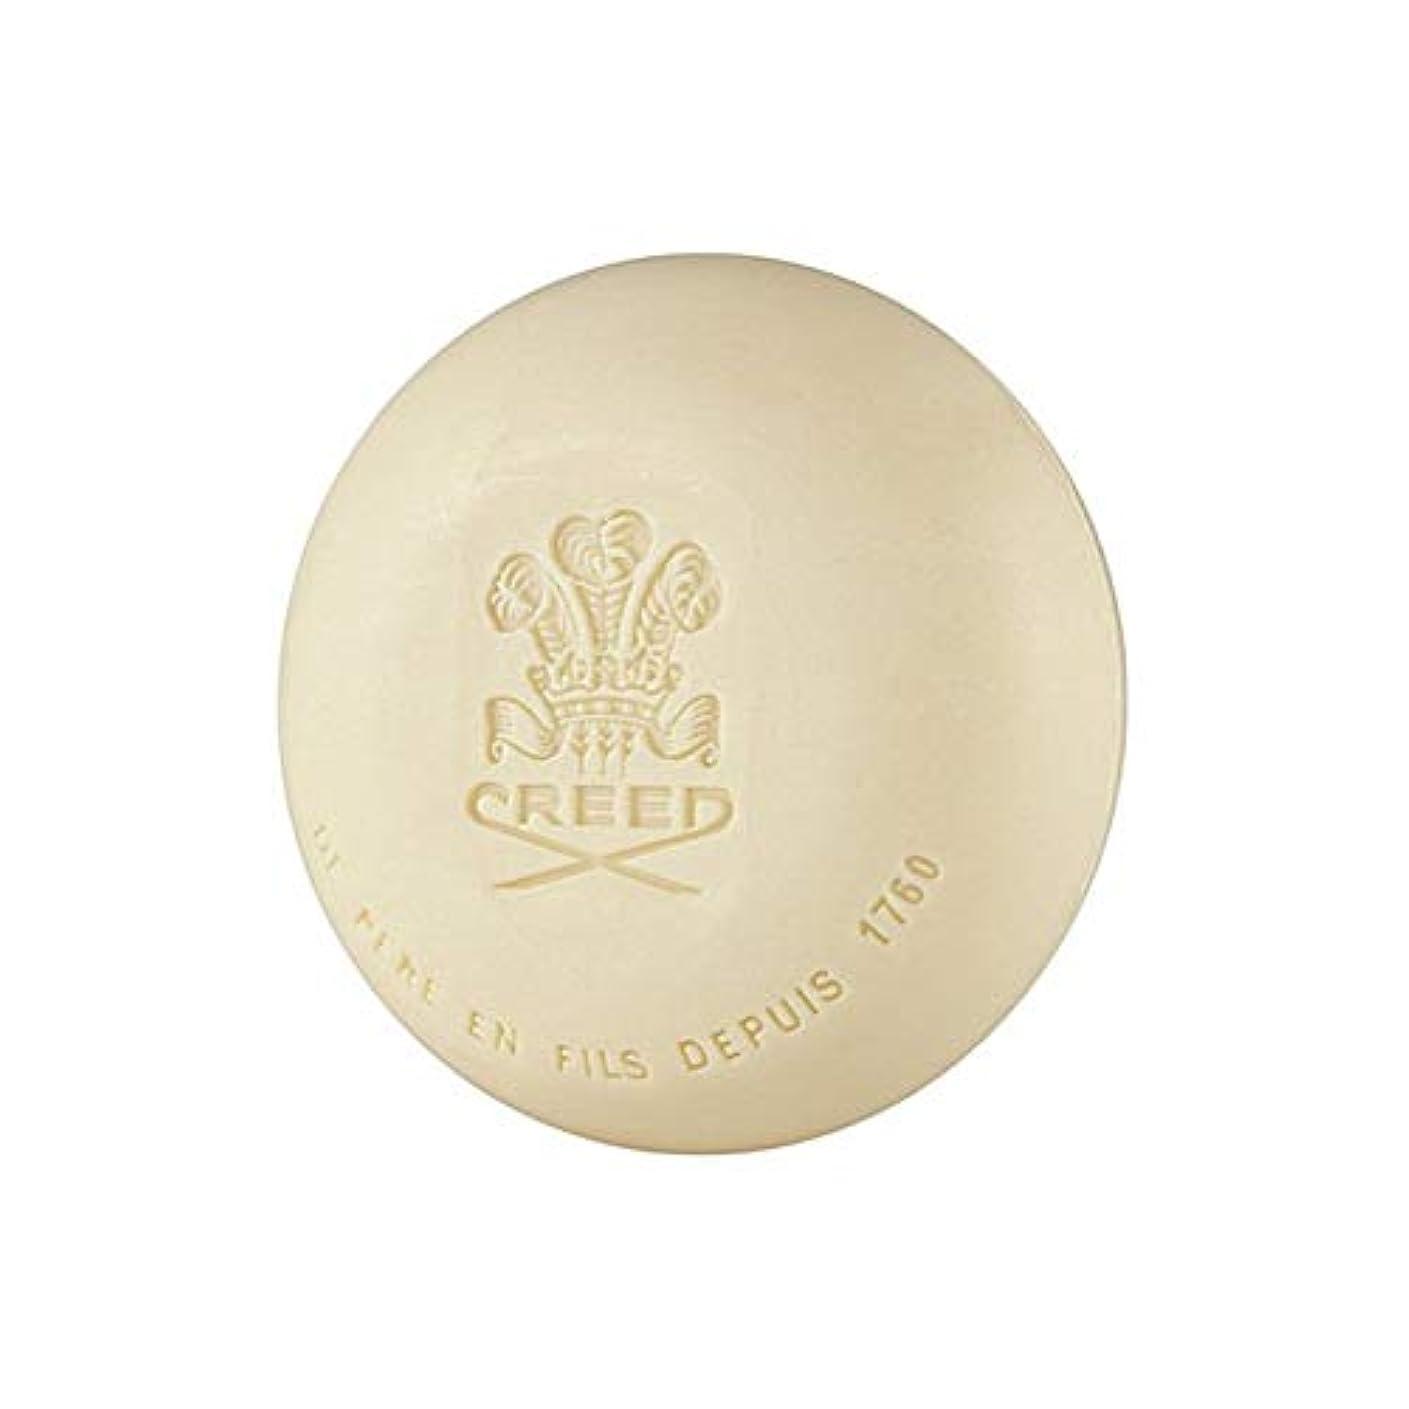 コード不信精神的に[Creed ] 信条元サンタル石鹸150グラム - Creed Original Santal Soap 150G [並行輸入品]